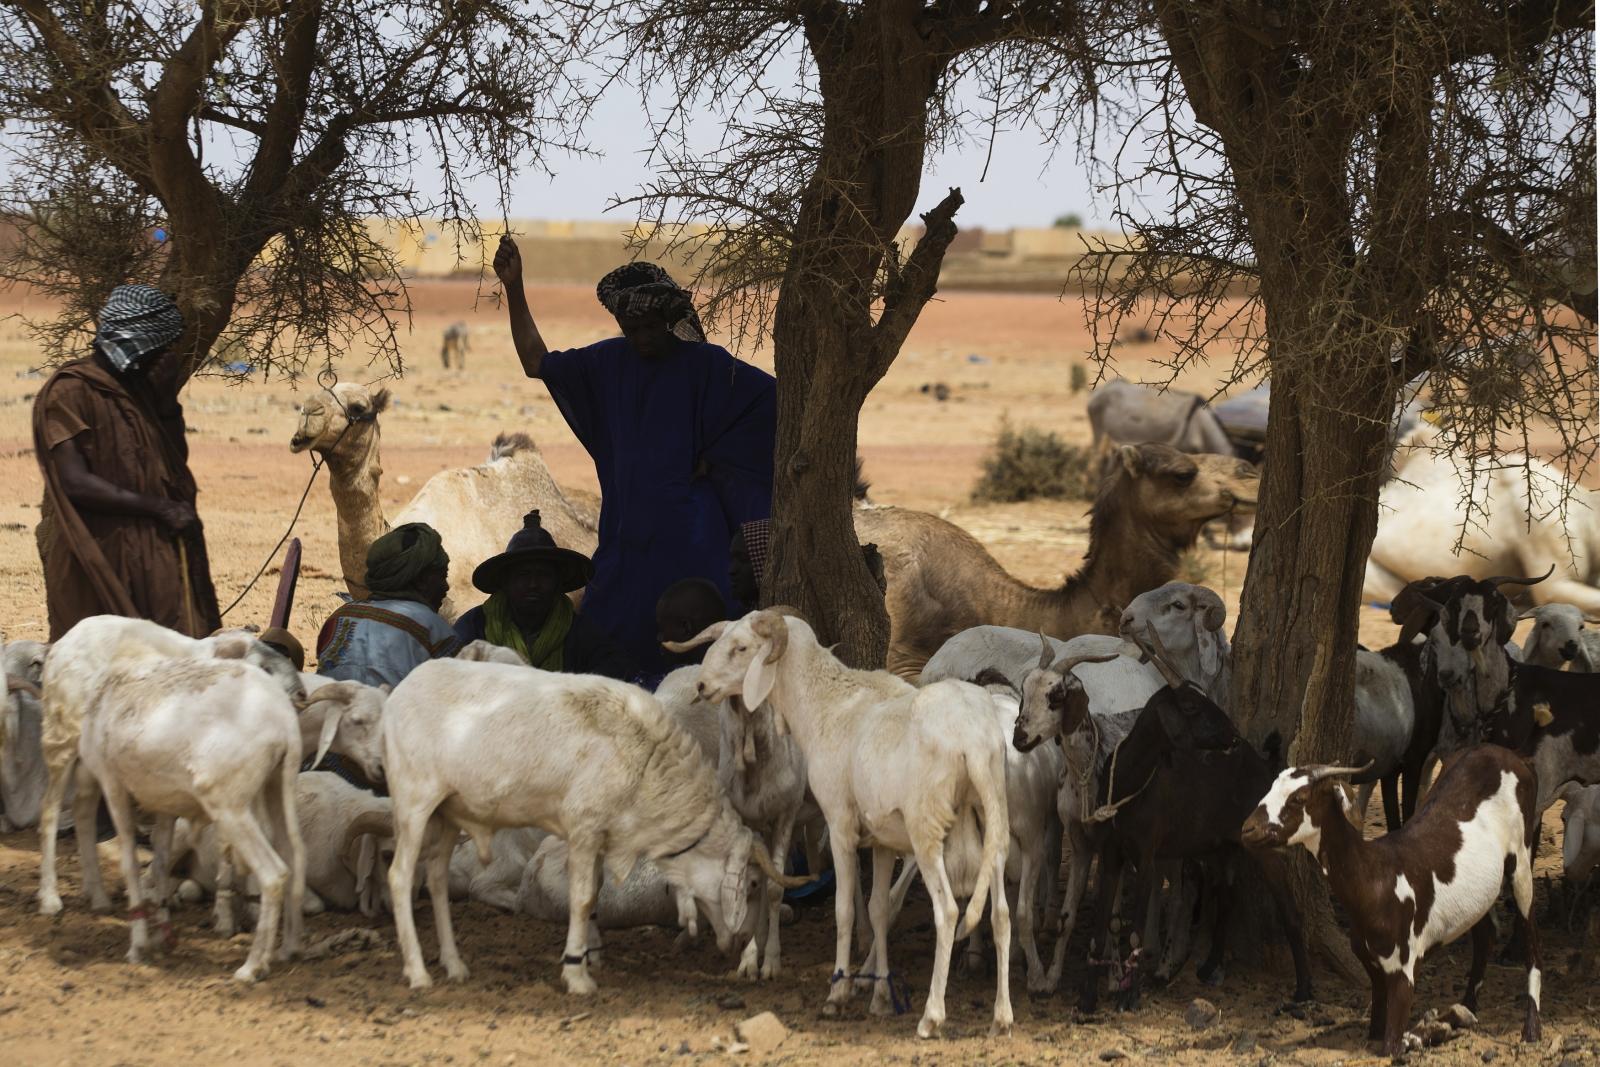 Jihadist threat in Mali